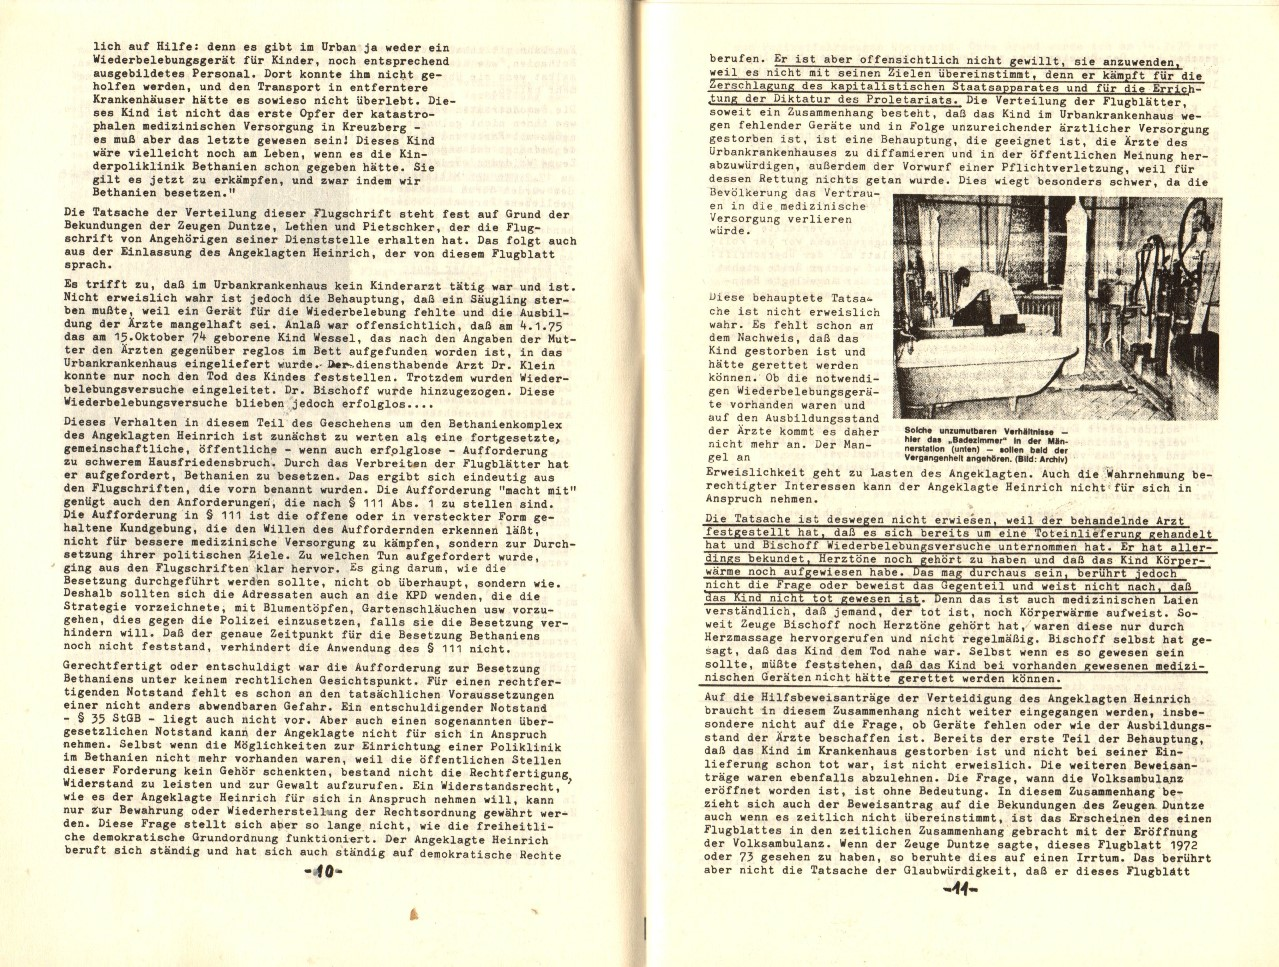 Berlin_KPD_1976_Staatsschutzprozess02_07